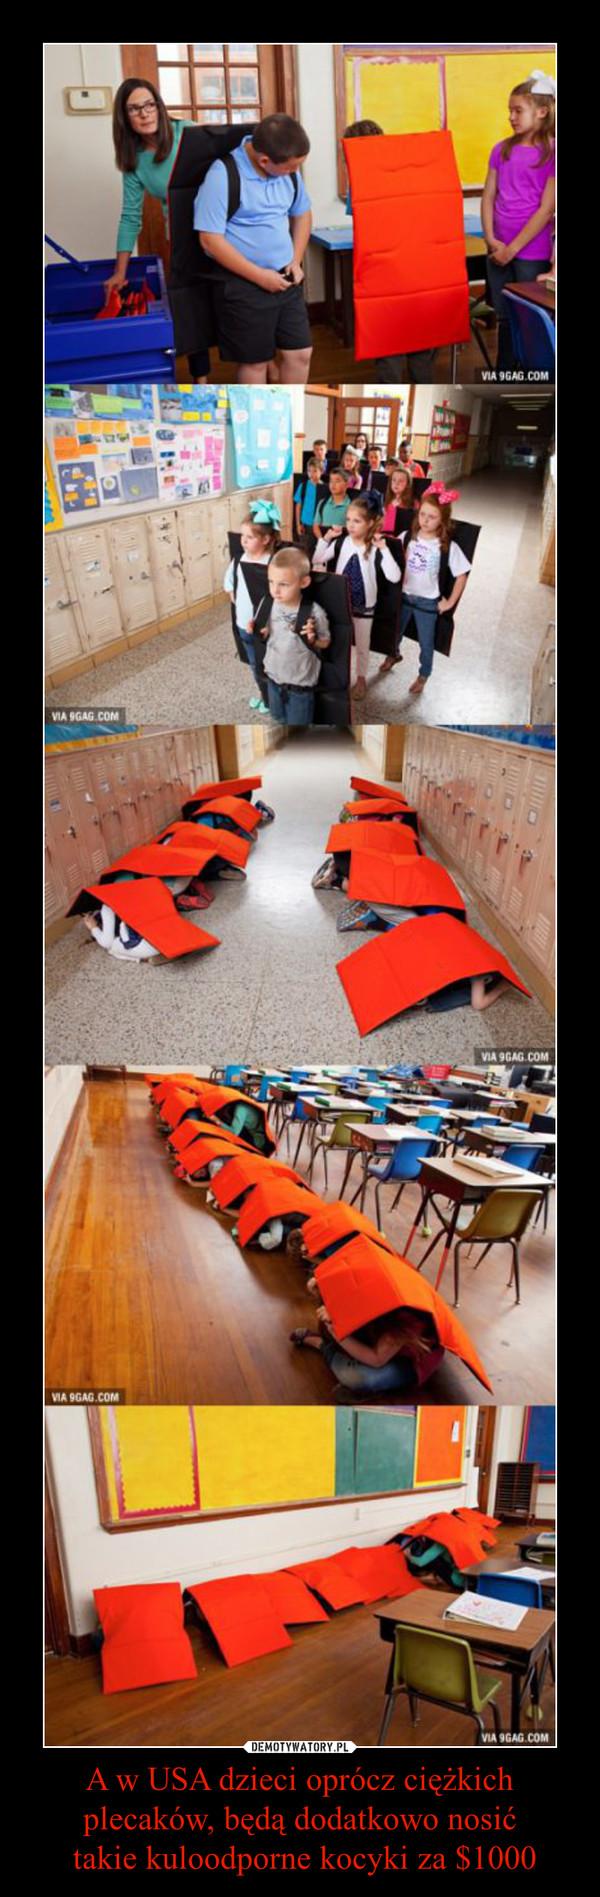 A w USA dzieci oprócz ciężkich plecaków, będą dodatkowo nosić takie kuloodporne kocyki za $1000 –